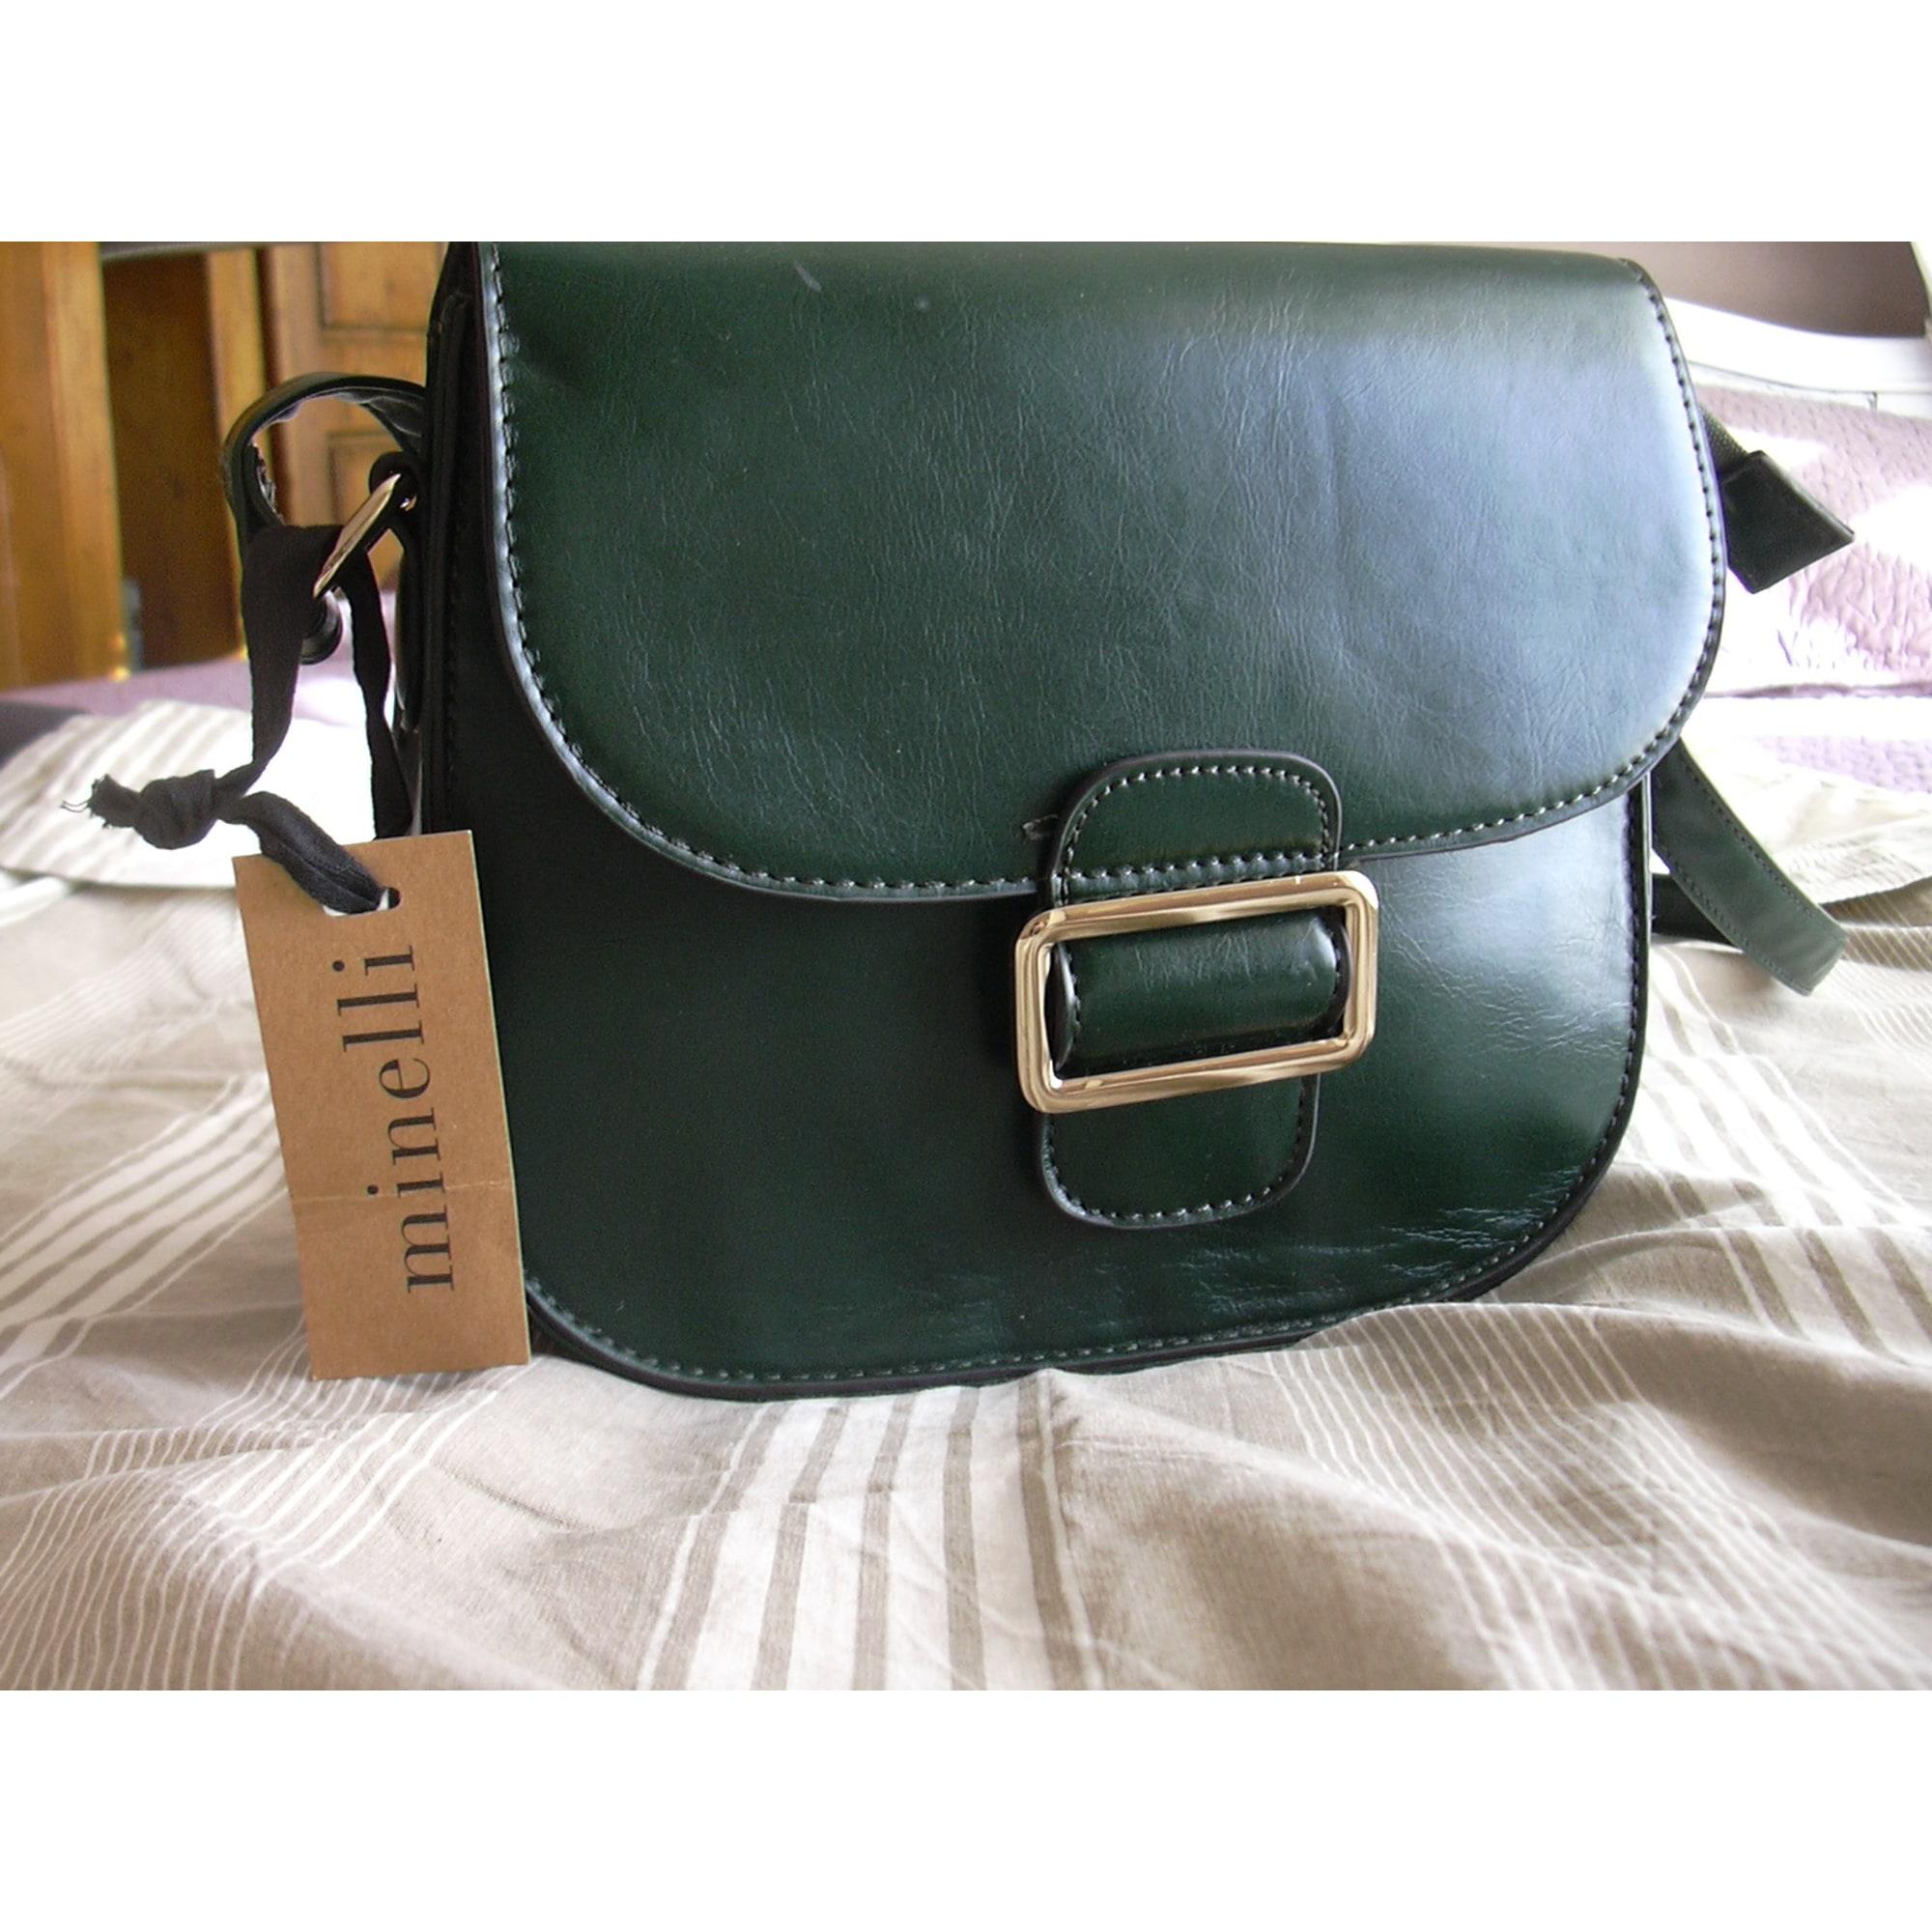 c006d1dcde Sac en bandoulière en cuir MINELLI vert vendu par Chicdressing ...